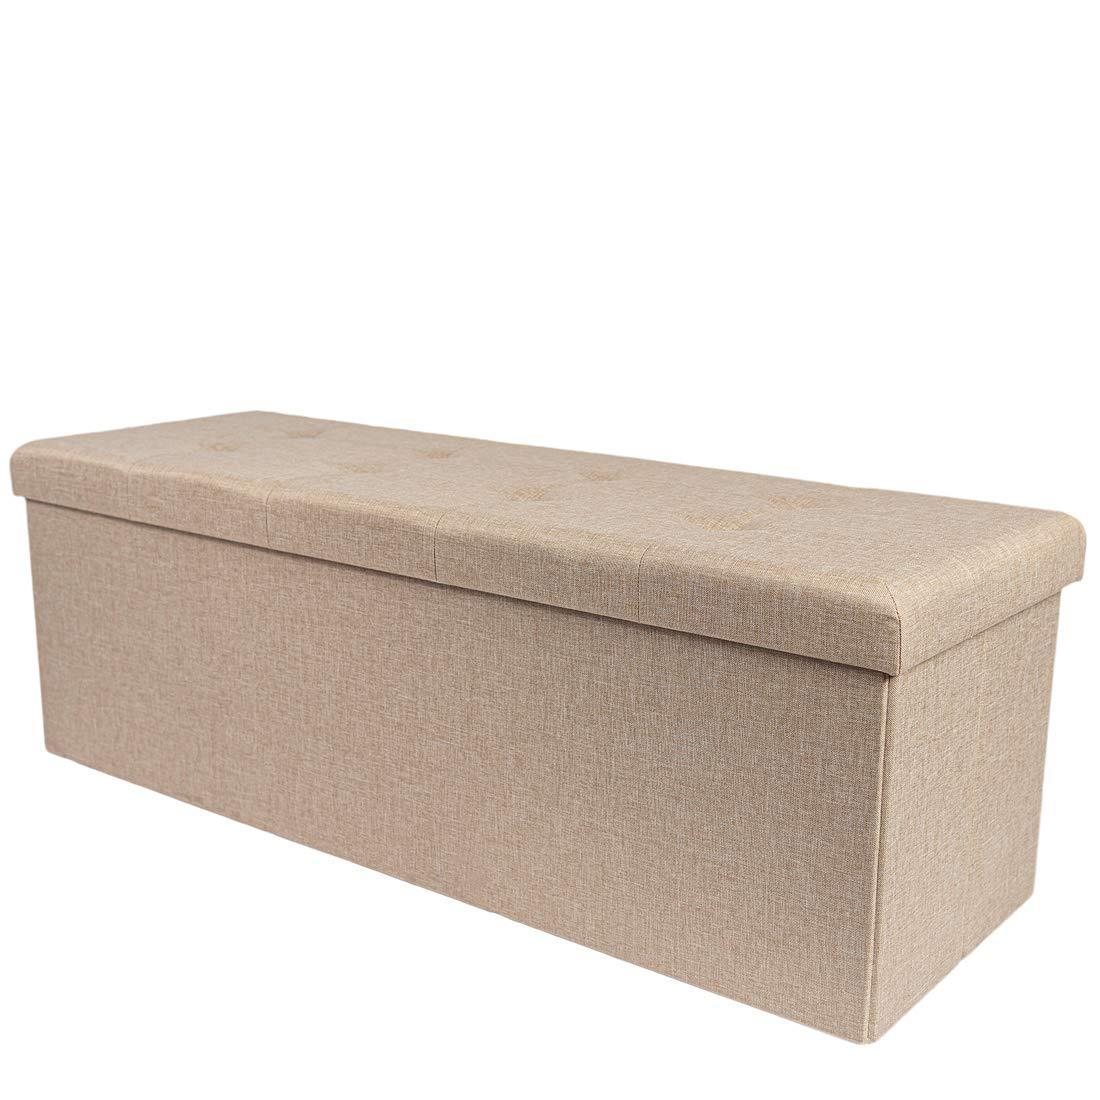 Theo&Cleo Leinen Faltbarer Sitzbank,Sitztruhe,Sitzhocker mit  stauraum,Sitzkasten Fußhocker für Büro Wohnzimmer Schlafzimmer,20 x 20 x  20cm(Beige)